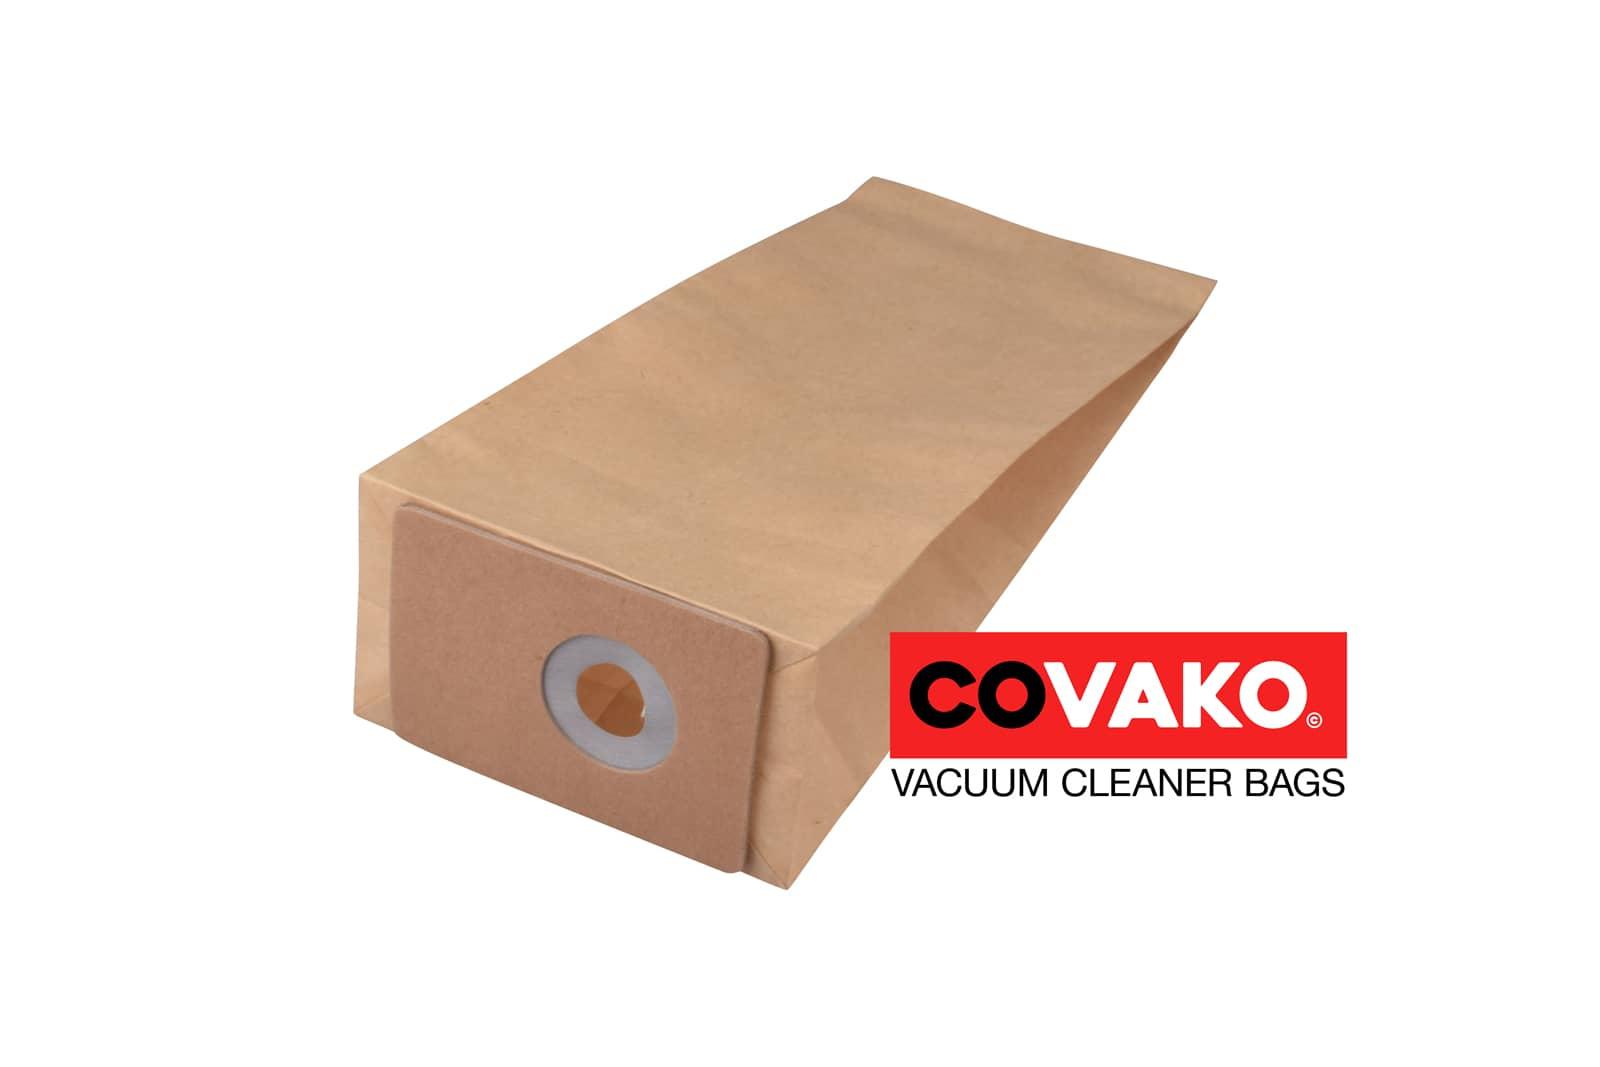 Wap VU 500 / Papier - Wap sacs d'aspirateur